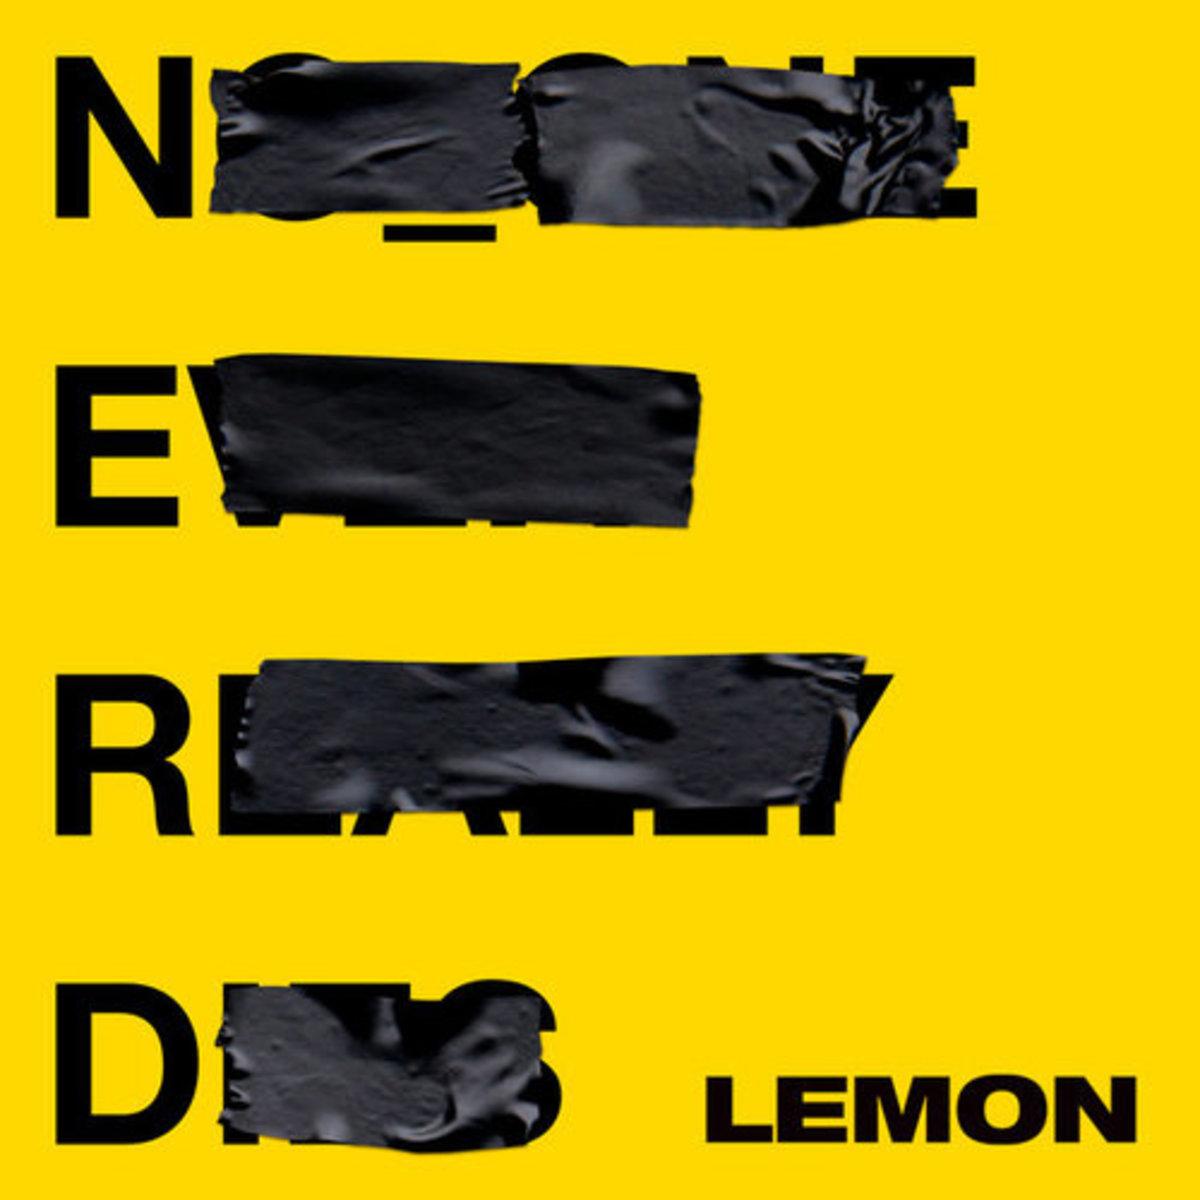 nerd-lemon.jpg